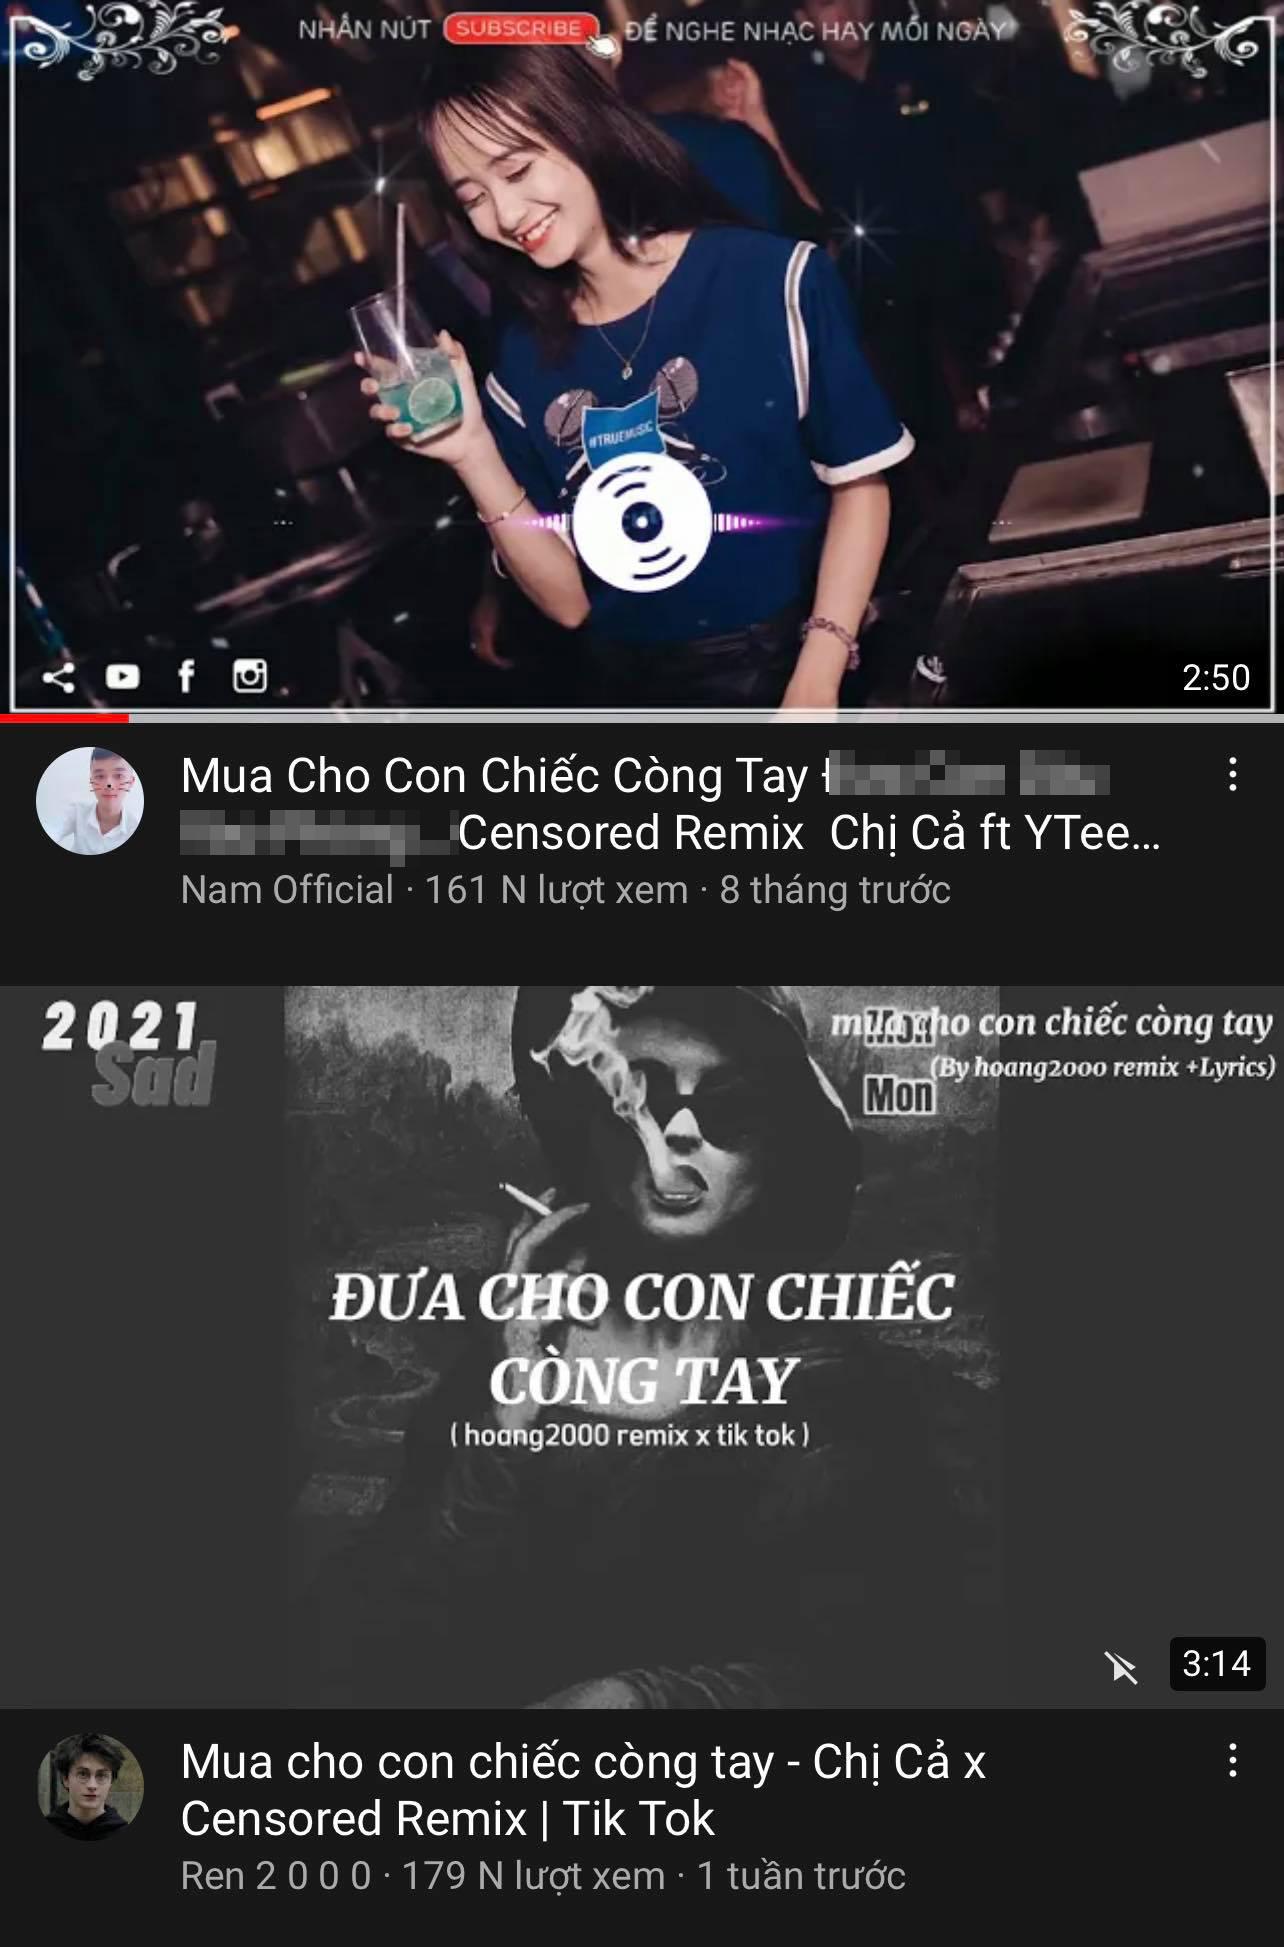 Hiện những sản phẩm gốc đều không còn tồn tại trên YouTube, nhưng nhiều kênh đã nhanh chóng lấy lại để tiếp tục chia sẻ, khiến những nội dung bẩn tiếp tục lan truyền